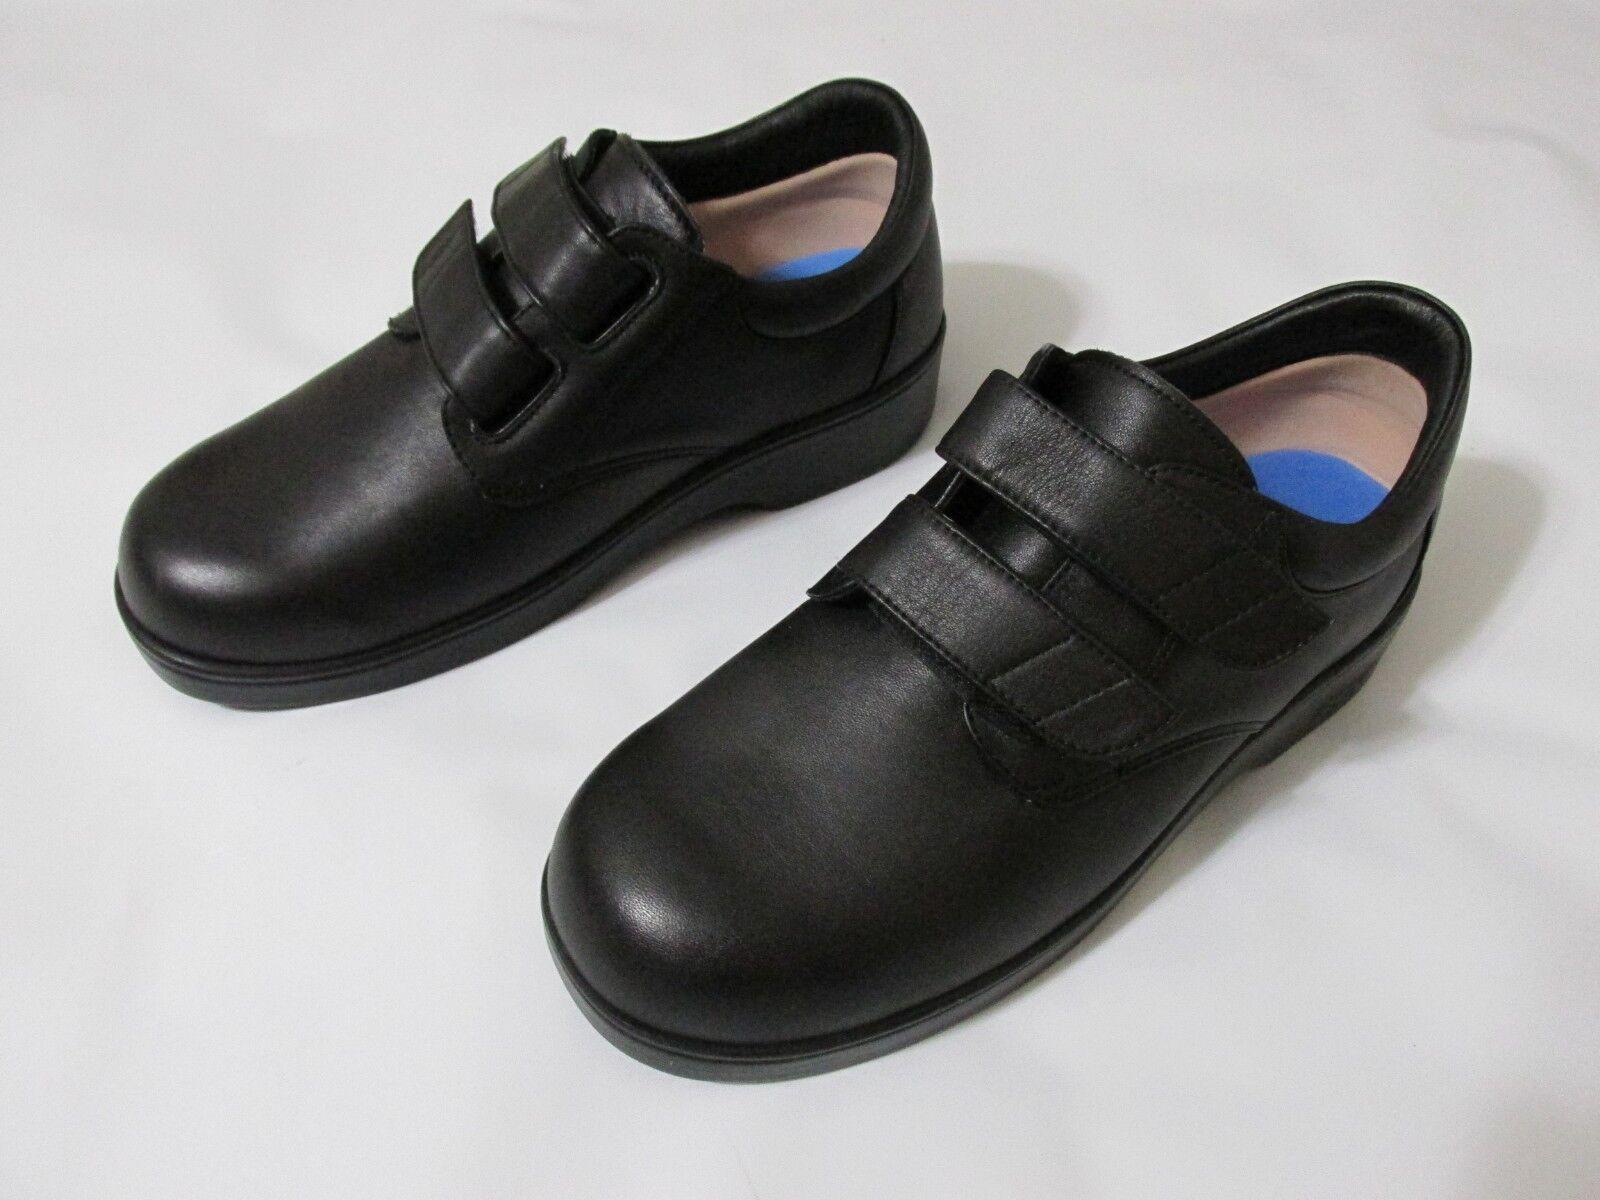 Apex Ambulator Men's Diabetic shoes, Men's US shoes Size  7.5 WIDE, MSRP   144.95